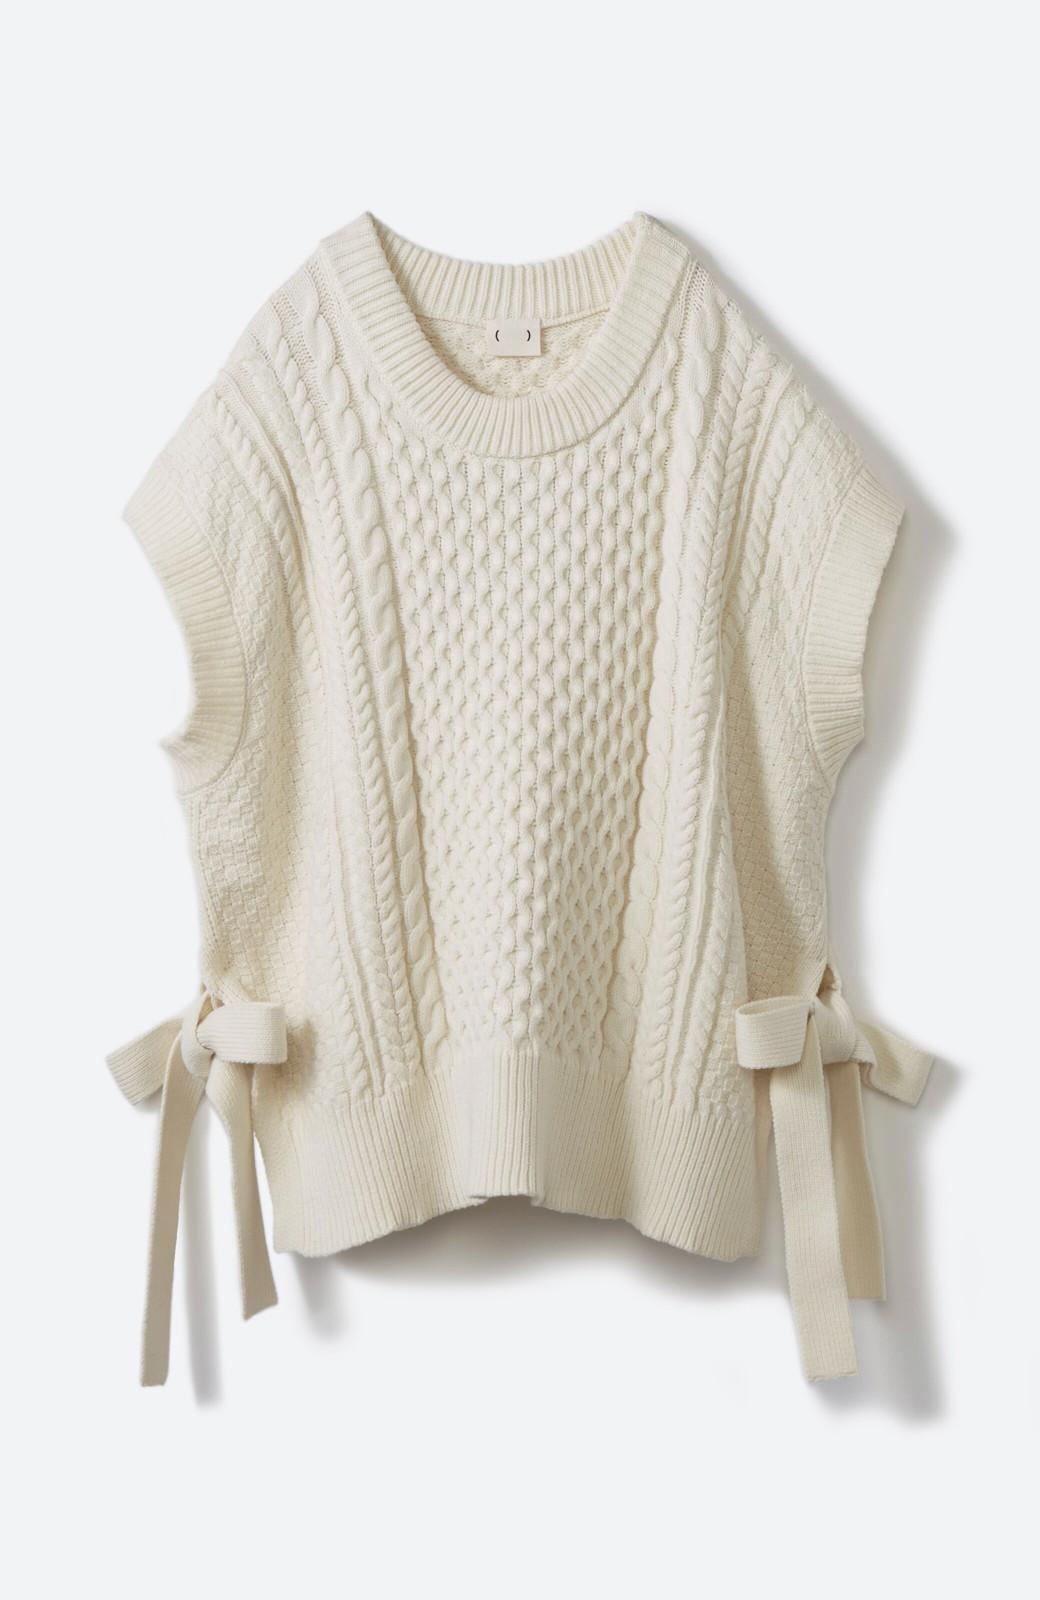 haco! ワンピースやシャツに重ねるだけであっという間に今っぽくなれるケーブル編みニットベスト <アイボリー>の商品写真23